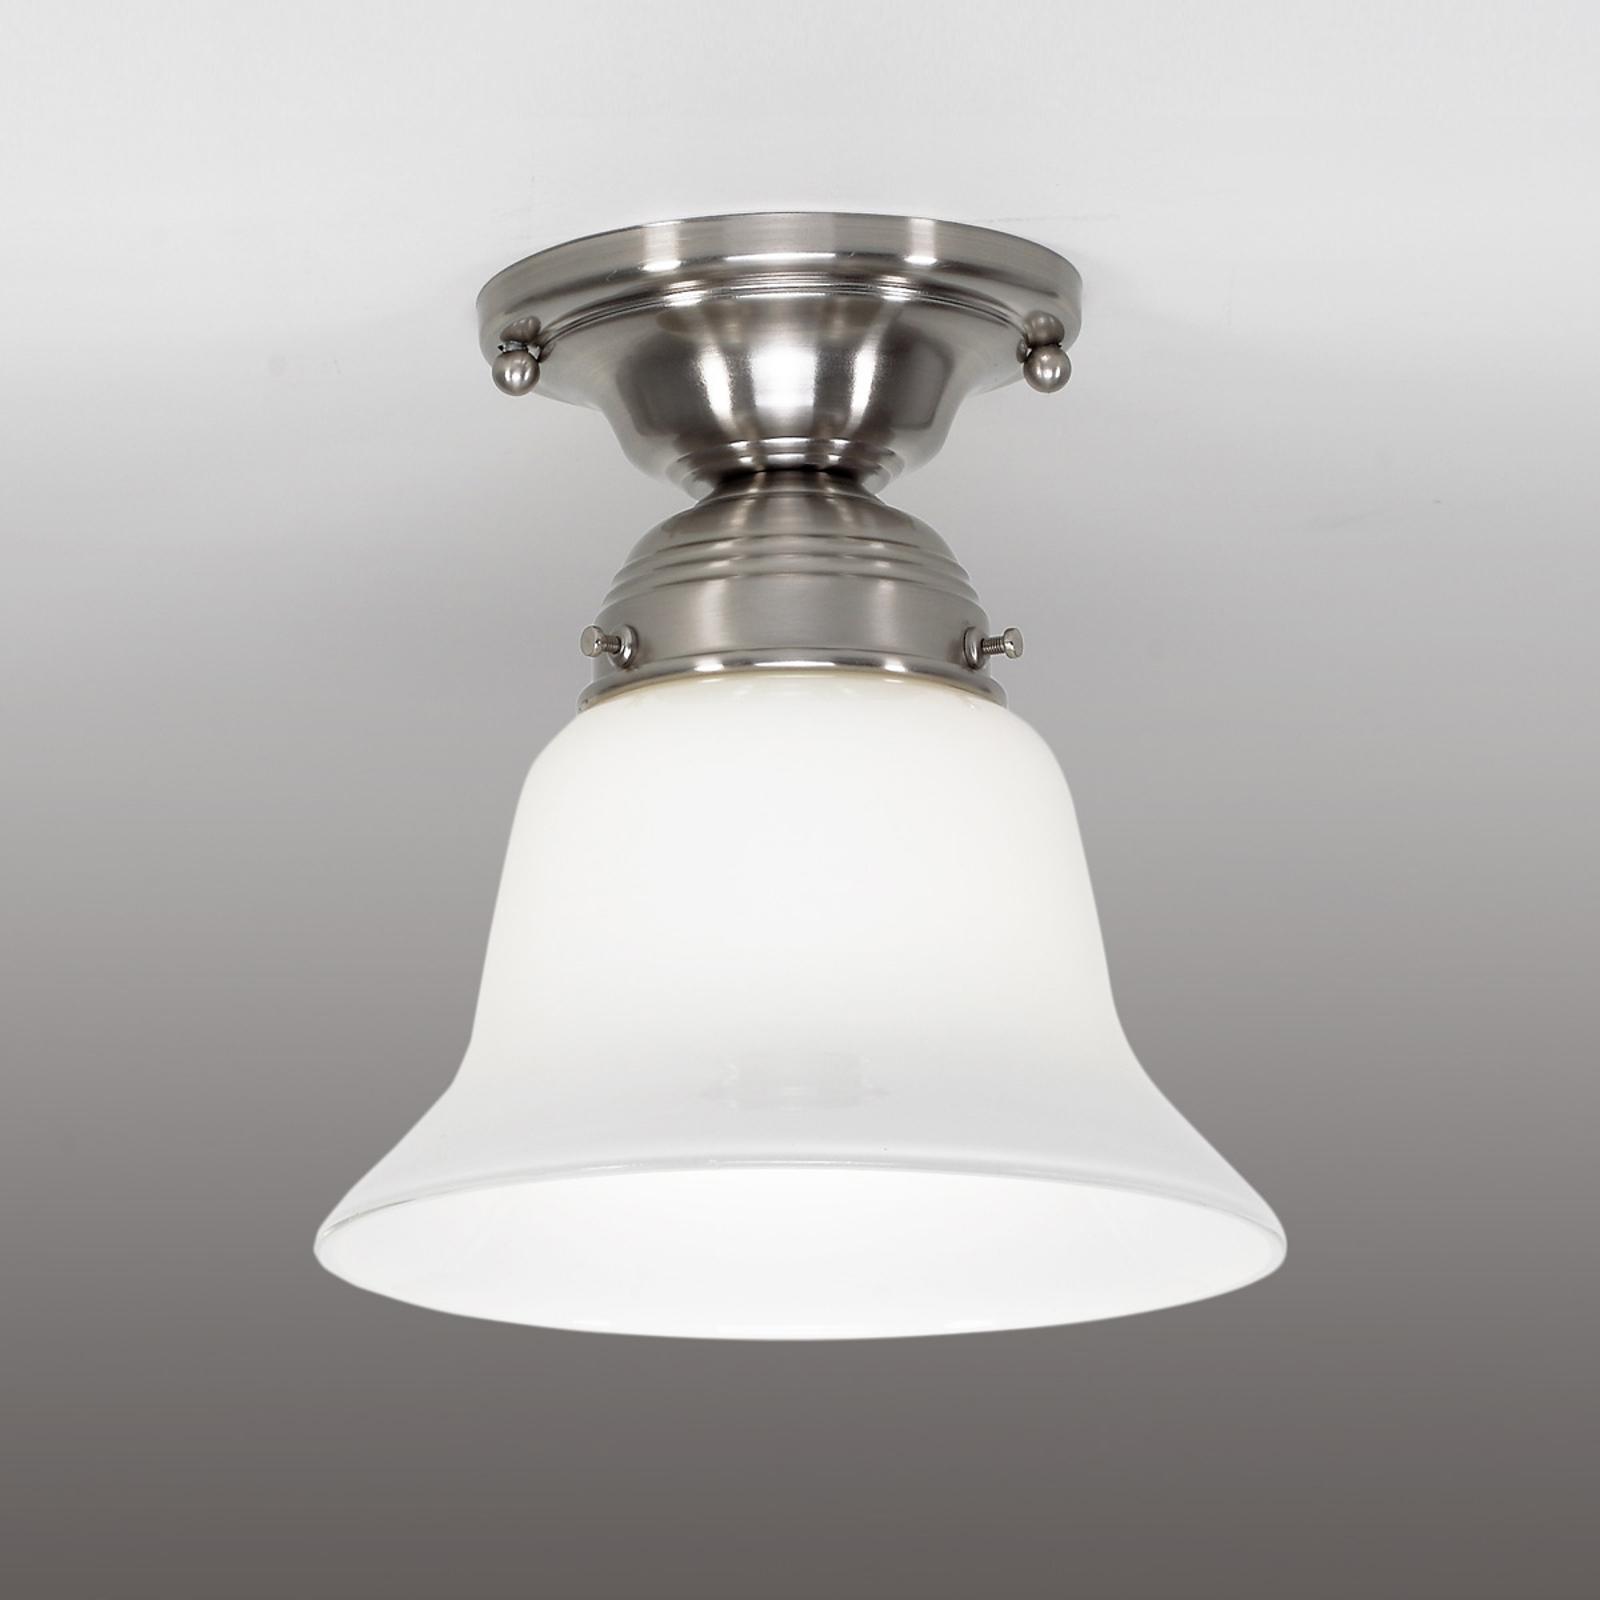 Plafondlamp Alena mat nikkel